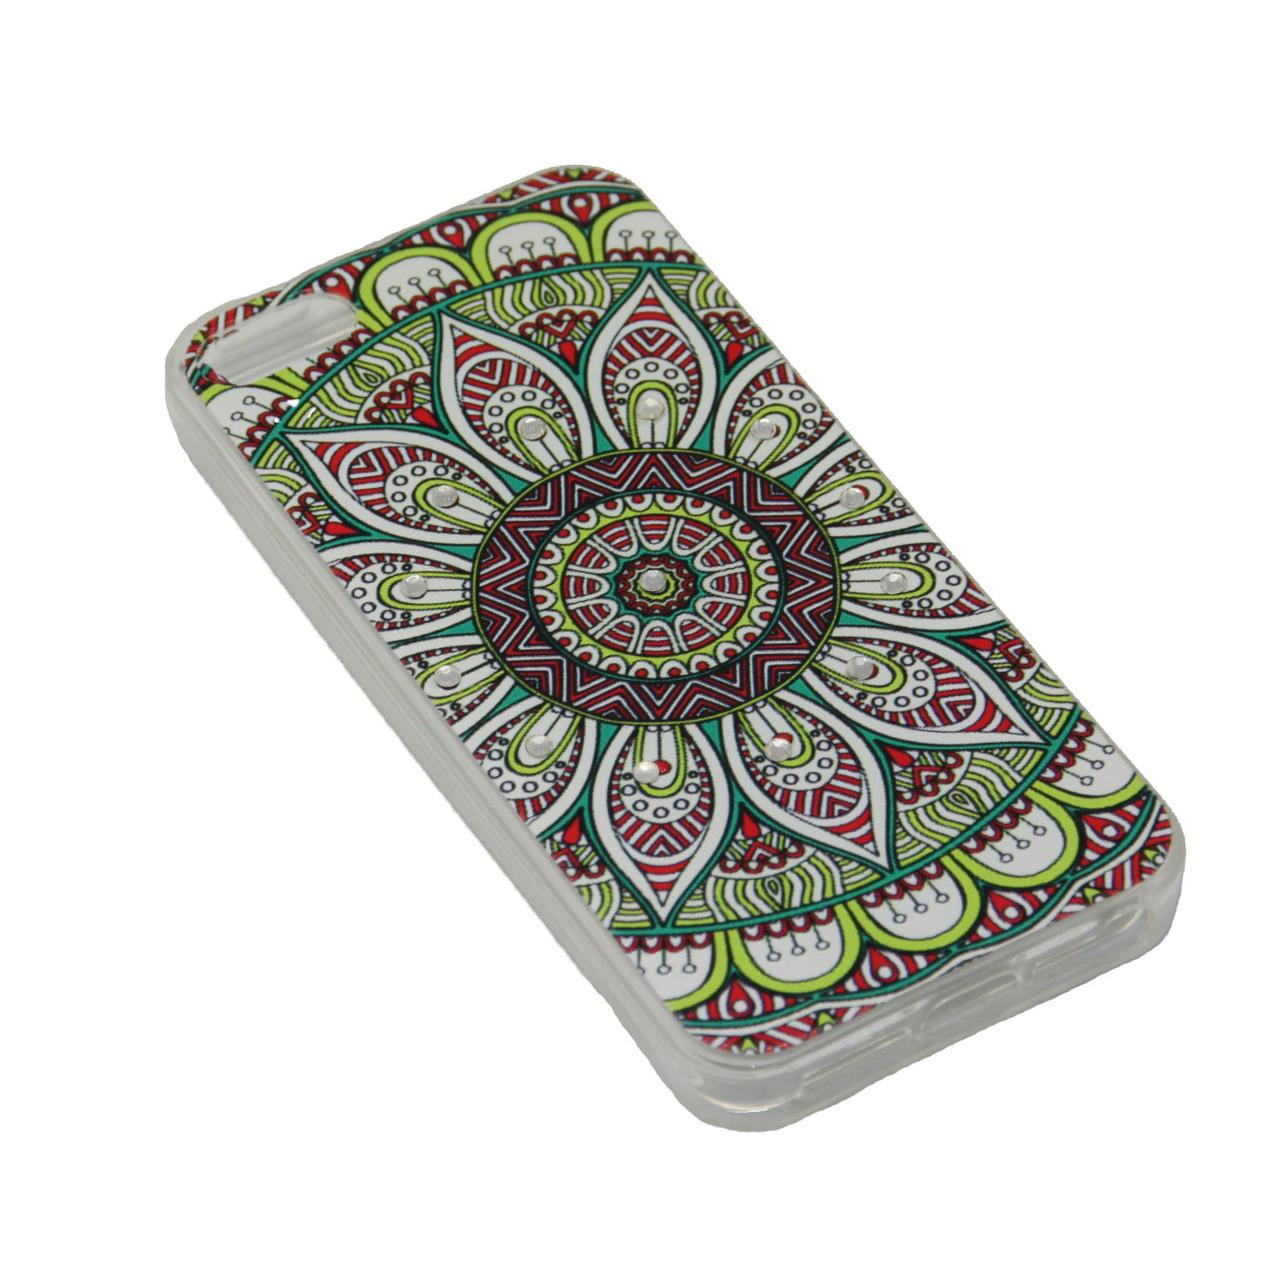 Чехол Fashion Силикон Стразы iPhone 7 Plus - фото 9